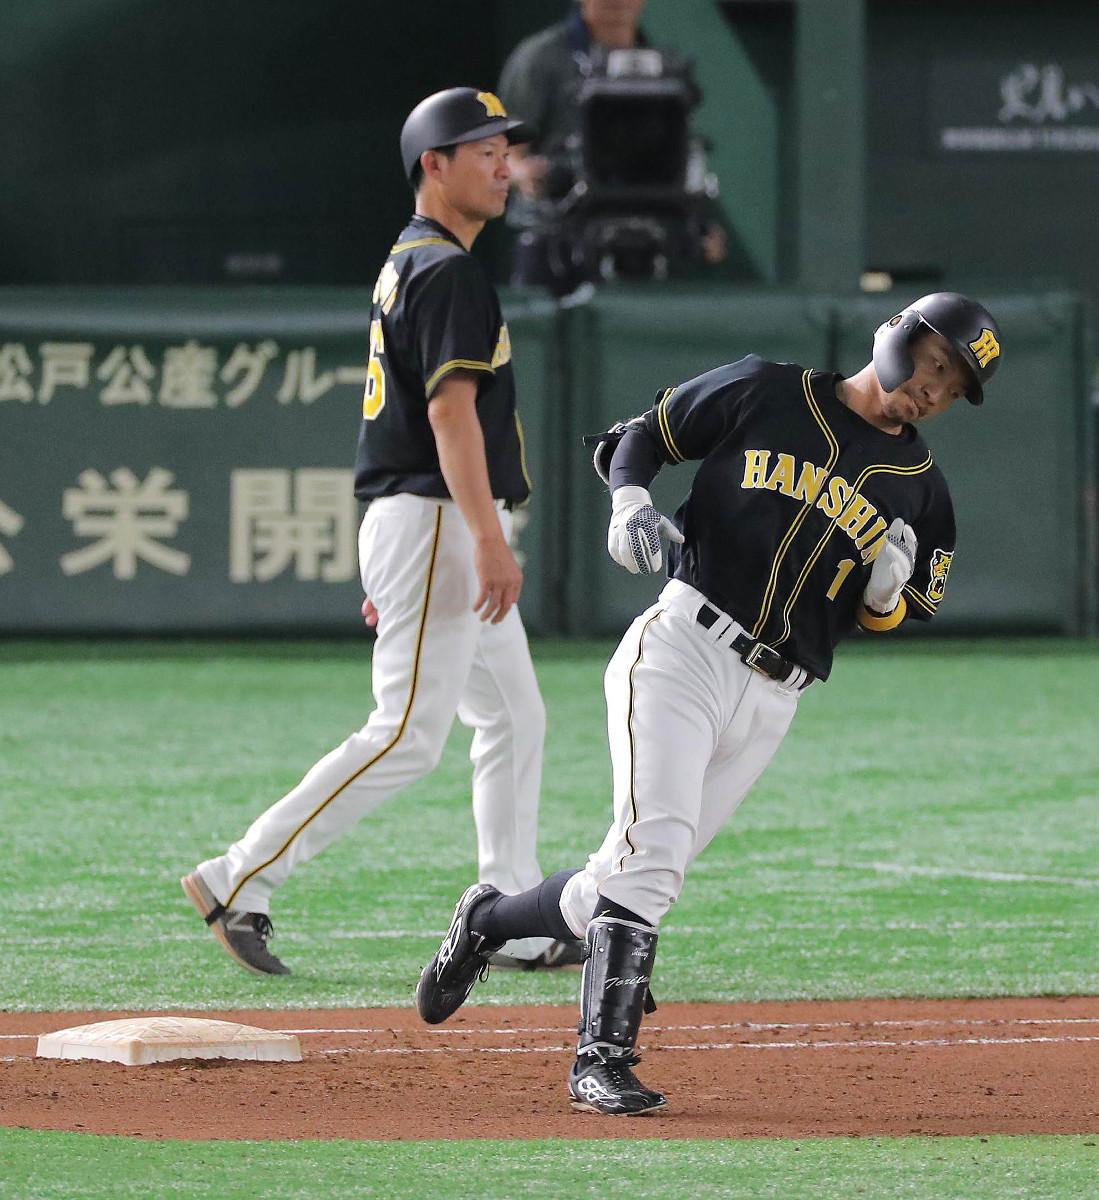 8回、三飛に倒れた阪神・鳥谷(右)